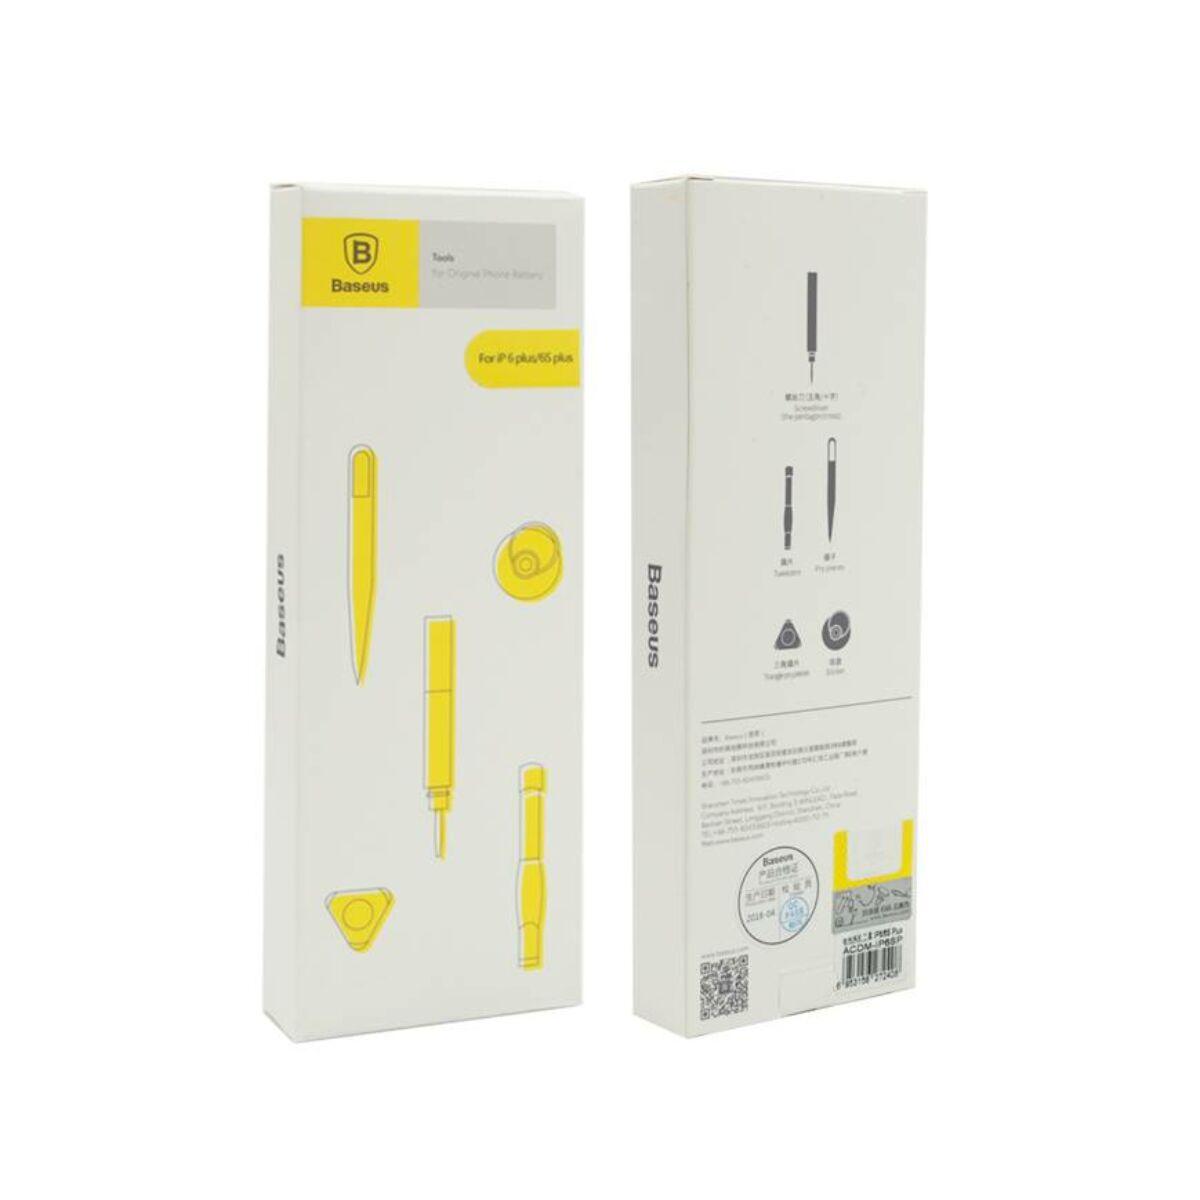 Baseus akkumulátor eltávolító szett iPhone 6s/6s Plus-hoz (ACDM-IP6SP)